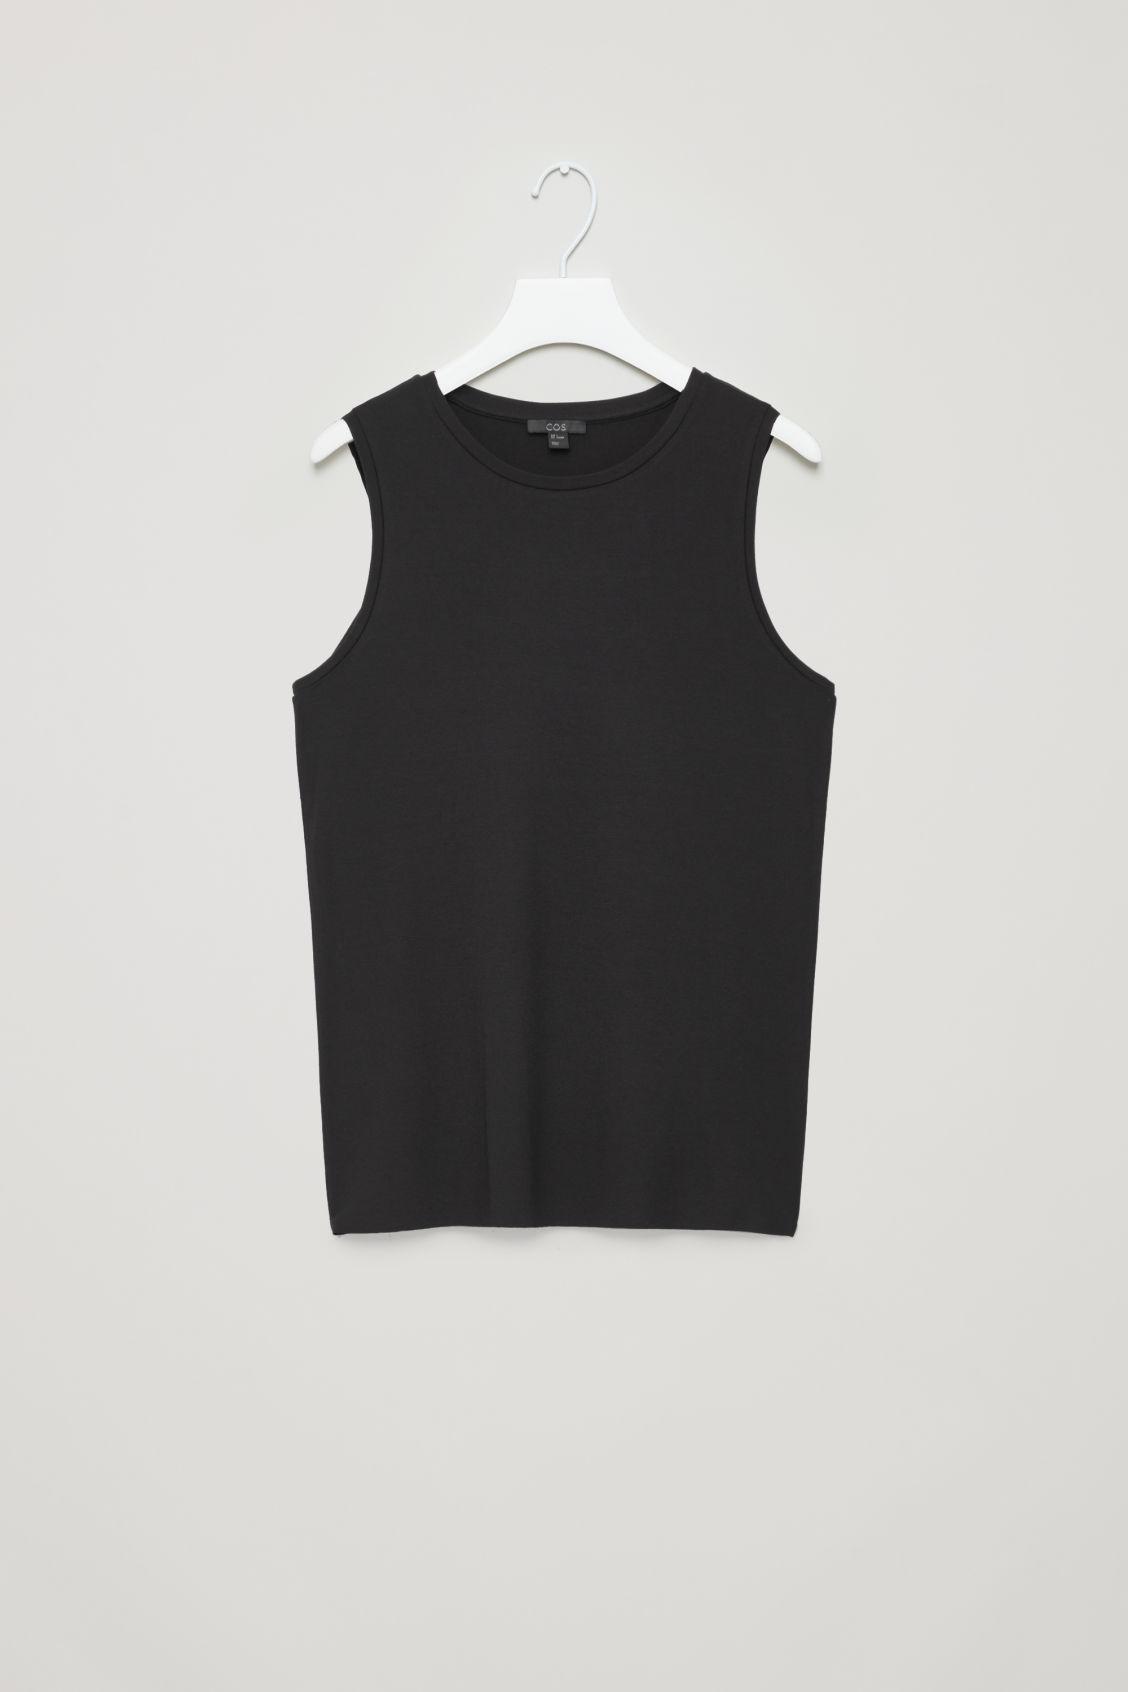 94498d5d88290 Lyst - COS Slim Jersey Vest Top in Black